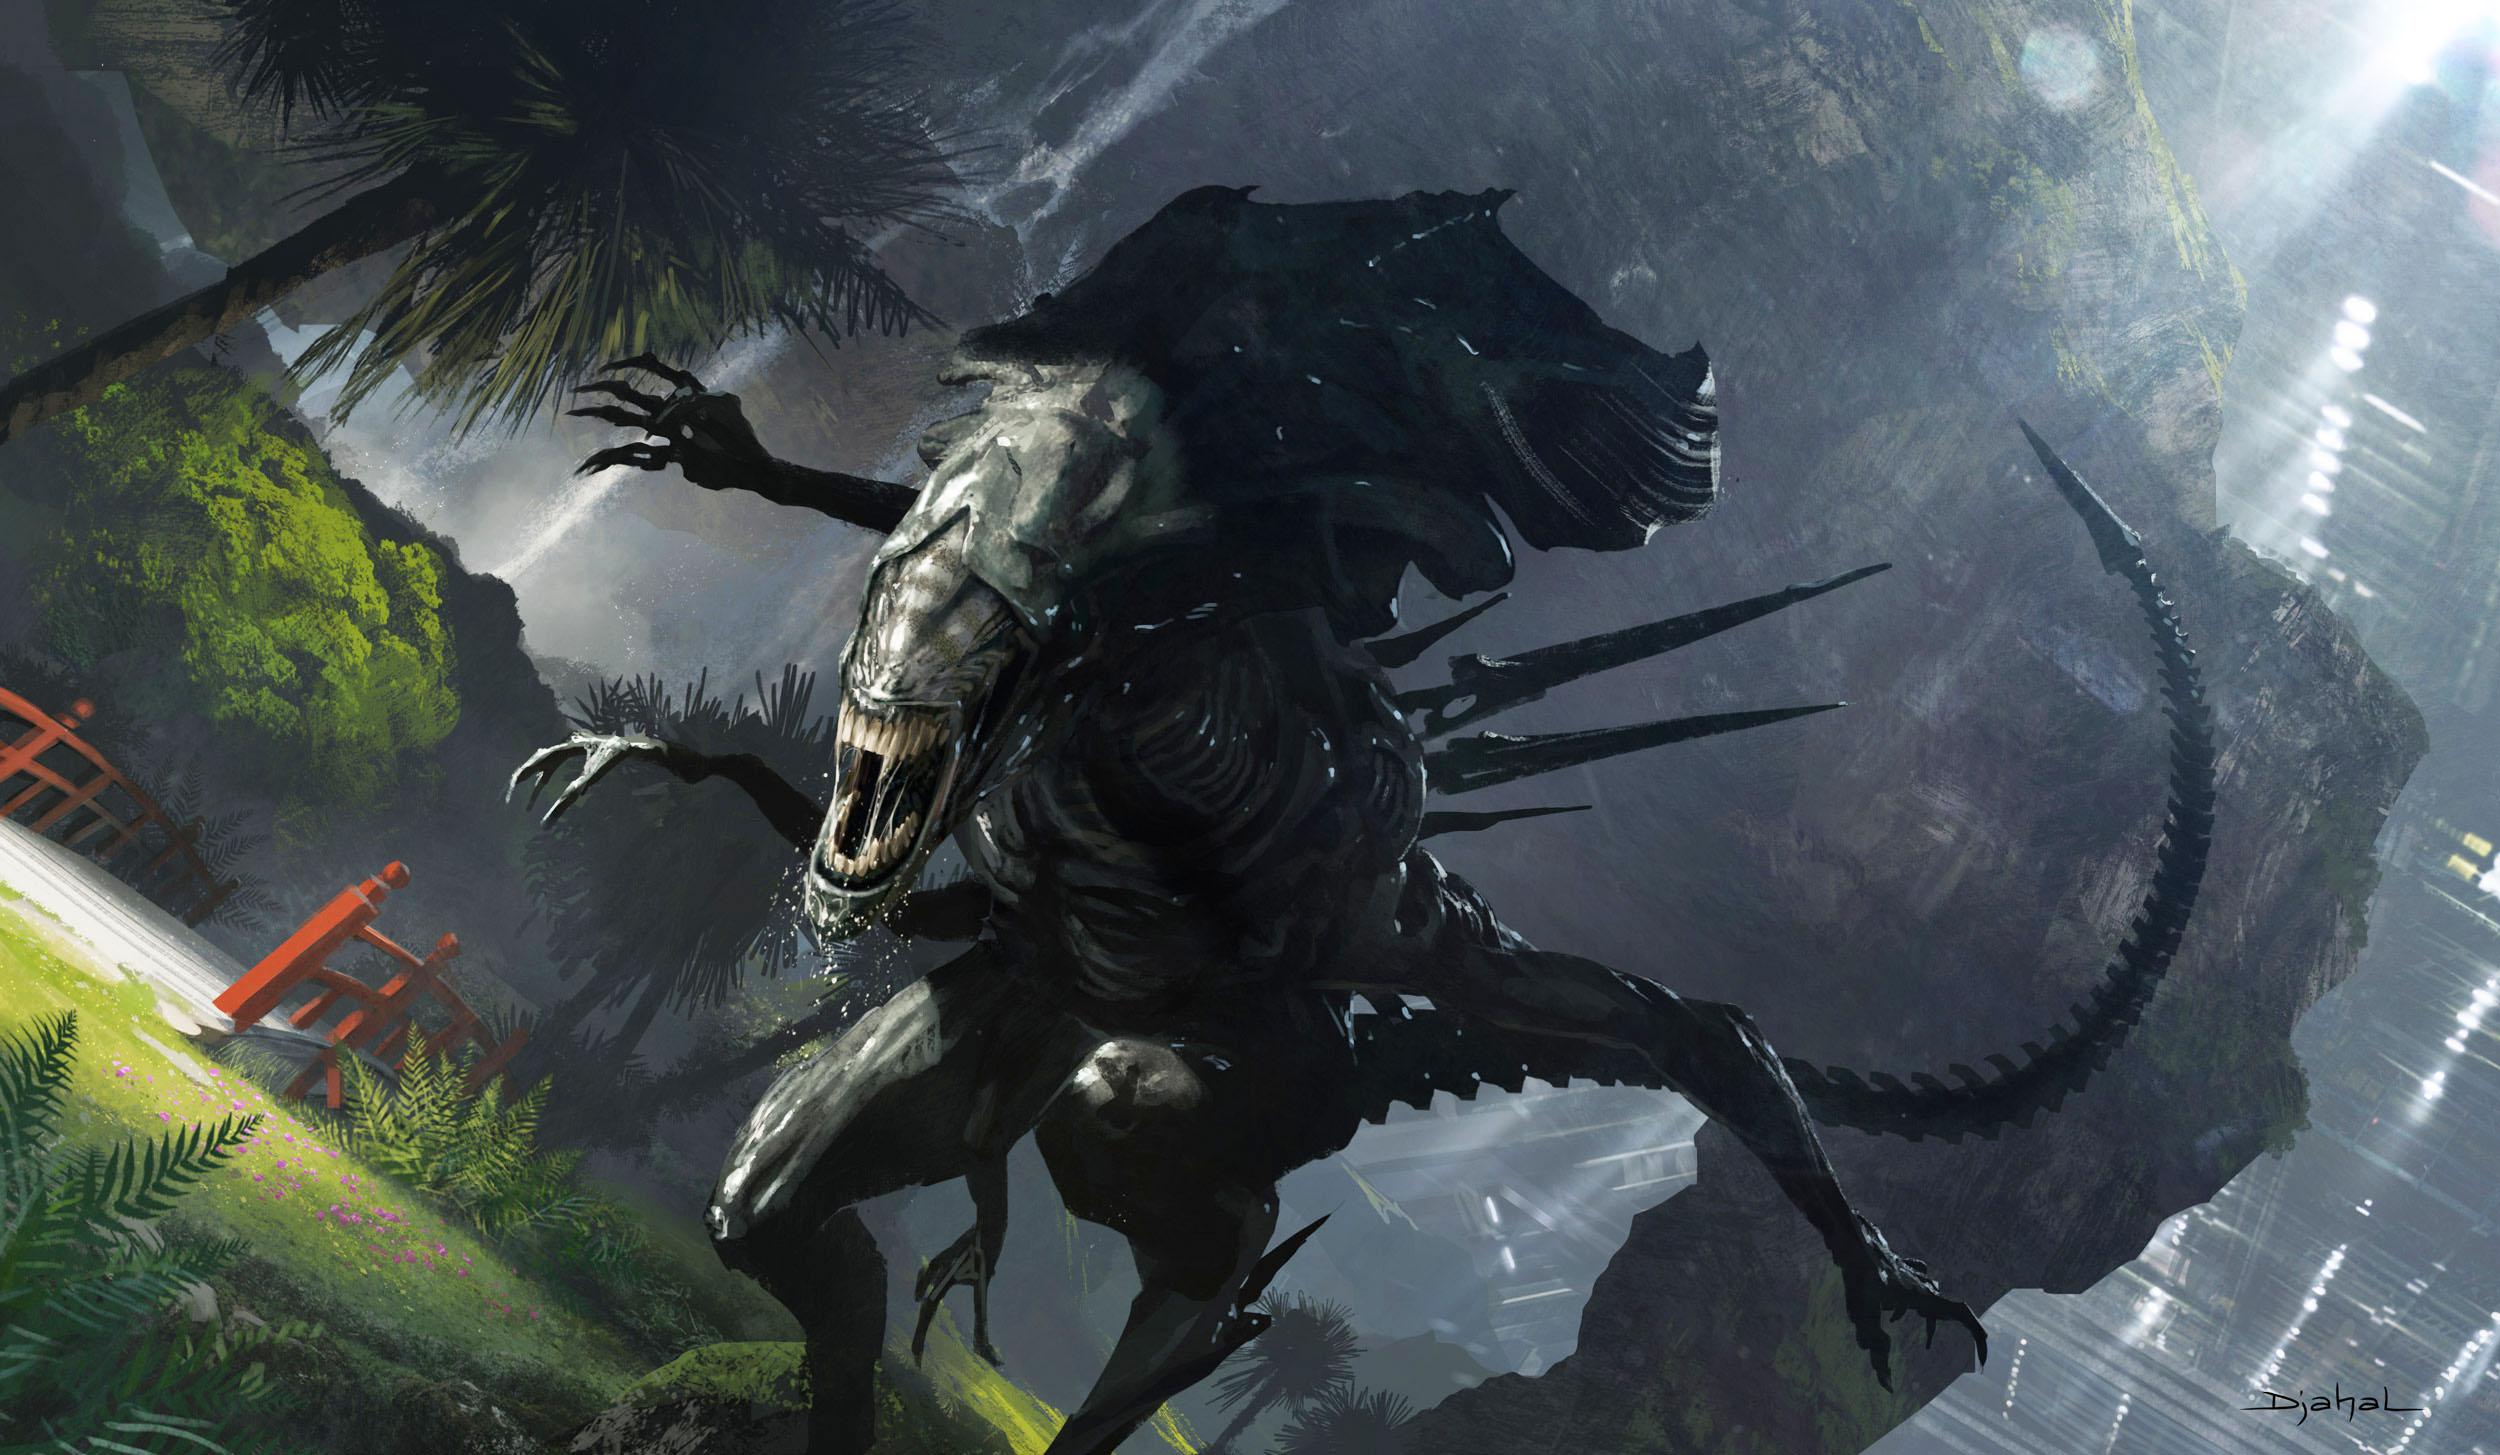 alien5-2